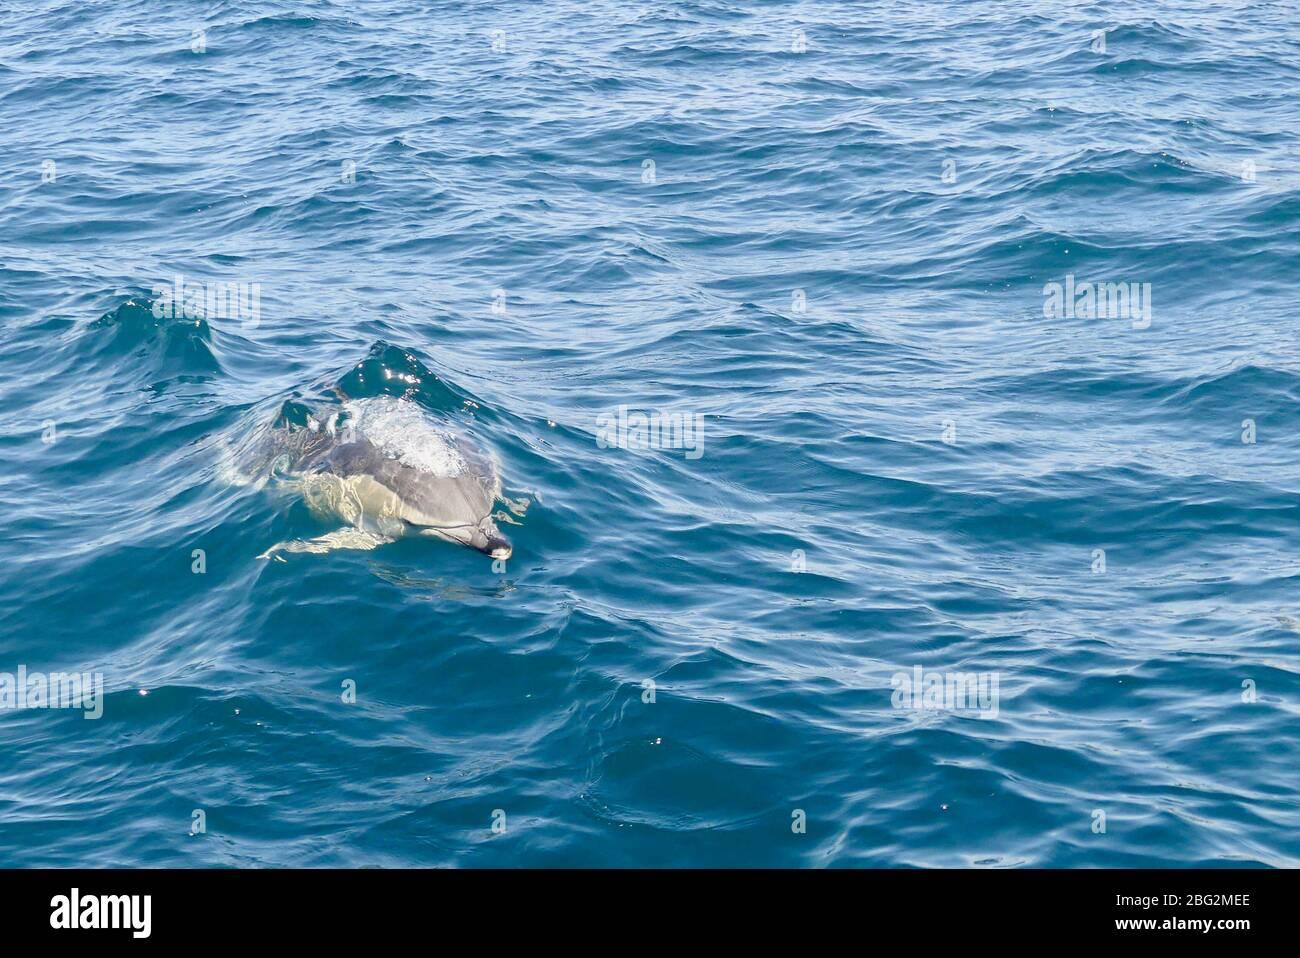 Delfinus delphis (Delphinus delphis) frente a la Bahía de las Islas, Nueva Zelanda Foto de stock